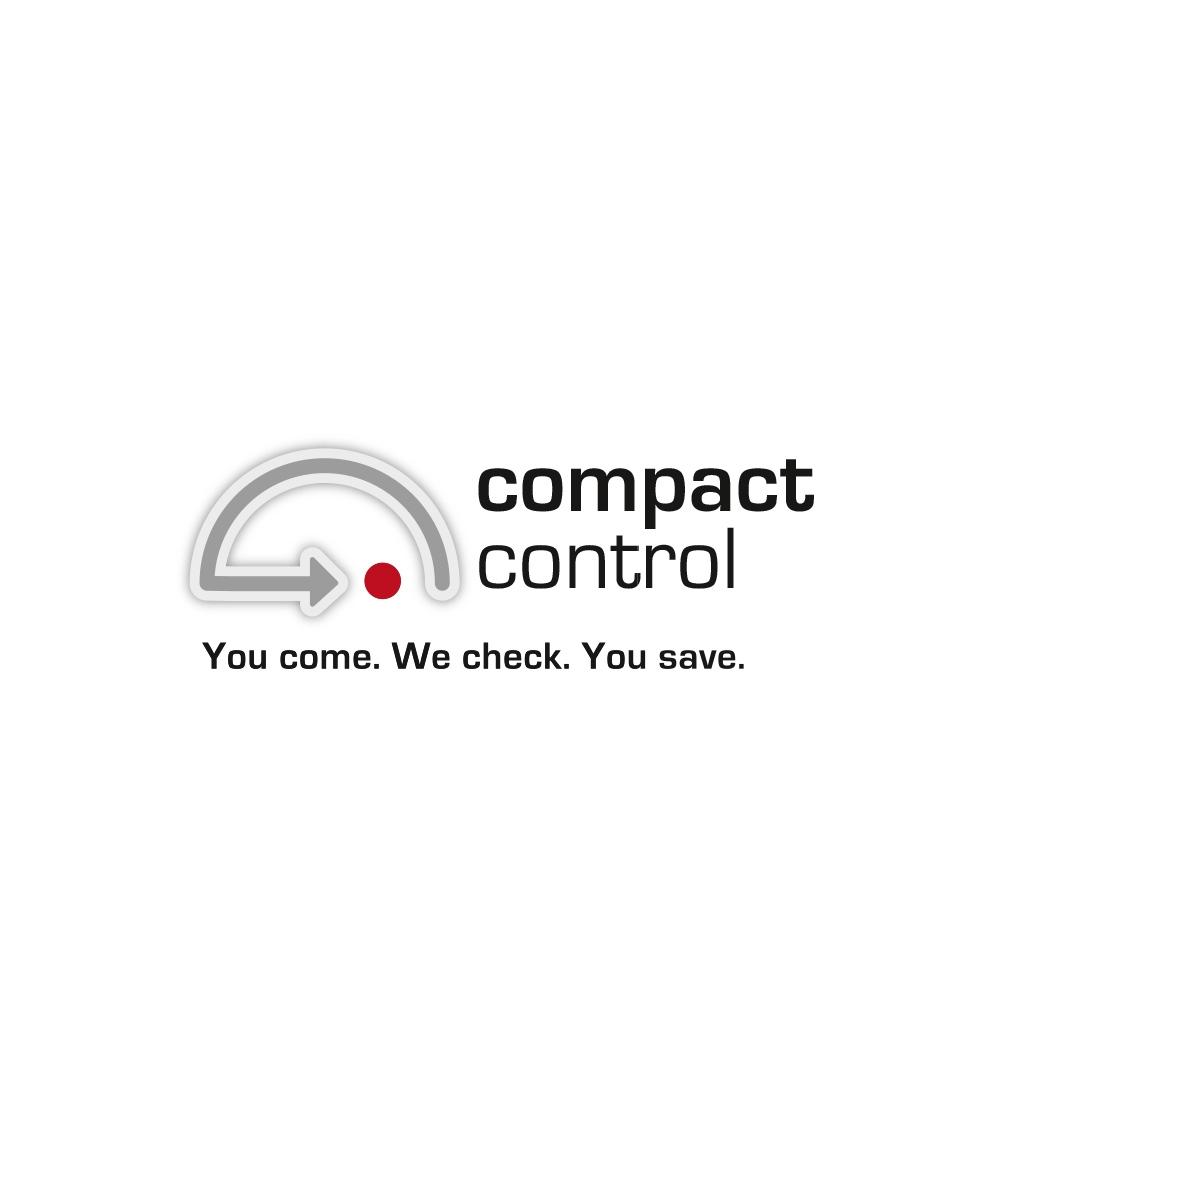 Compact Control Logo